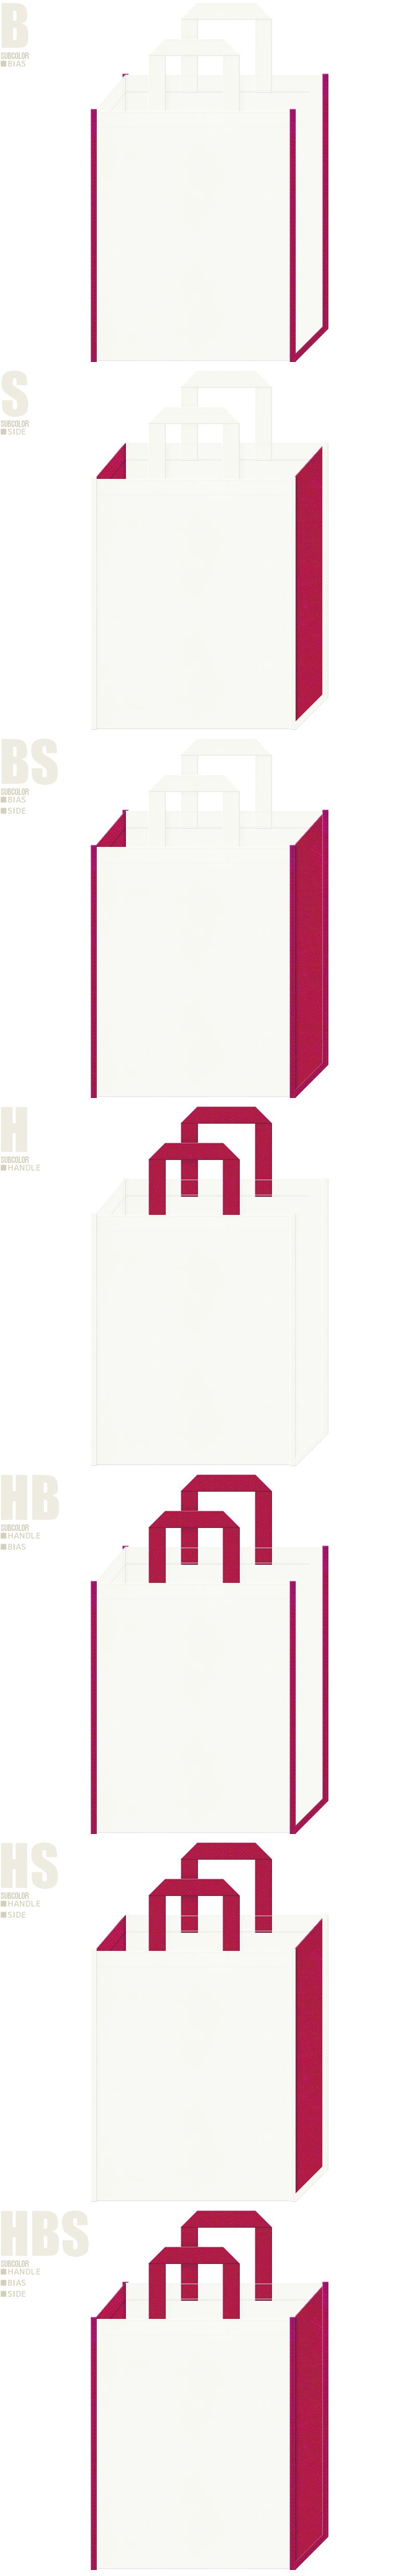 オフホワイト色と濃いピンク色、7パターンの不織布トートバッグ配色デザイン例。ブライダル用品の展示会用バッグ、婚礼アルバム・結婚式場打ち合わせ資料保管用バッグ